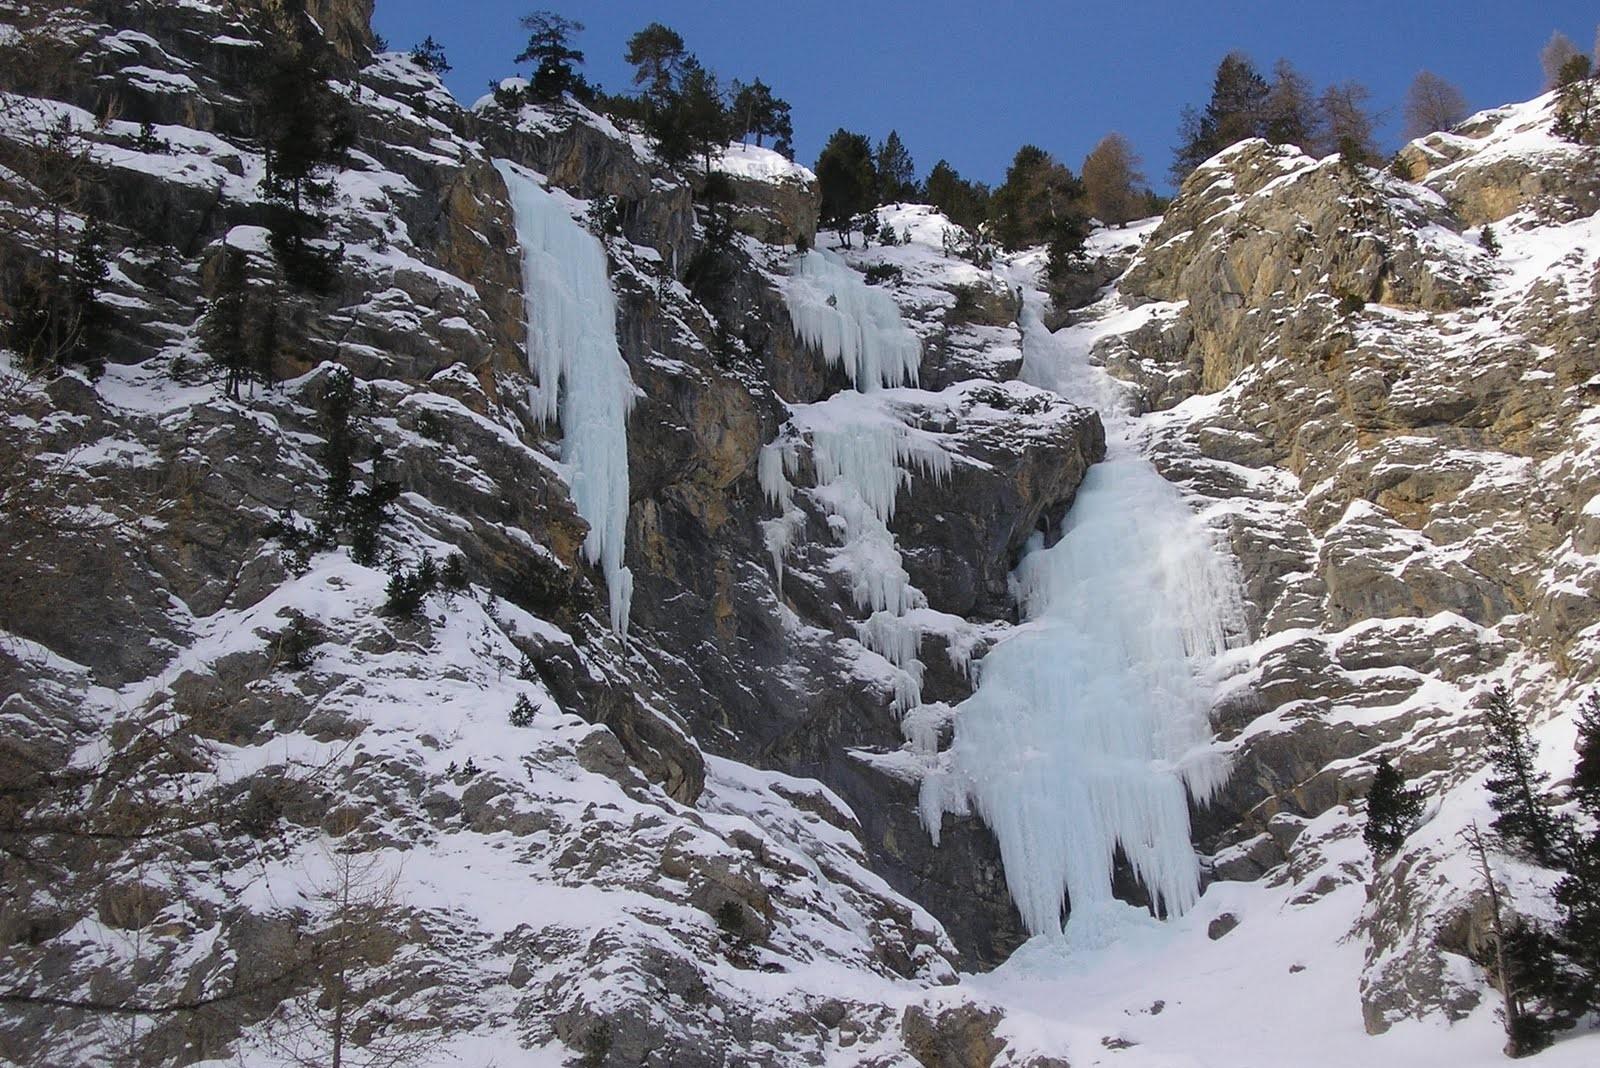 Les cascades de glace du val d'escreins sur la route de Vars.